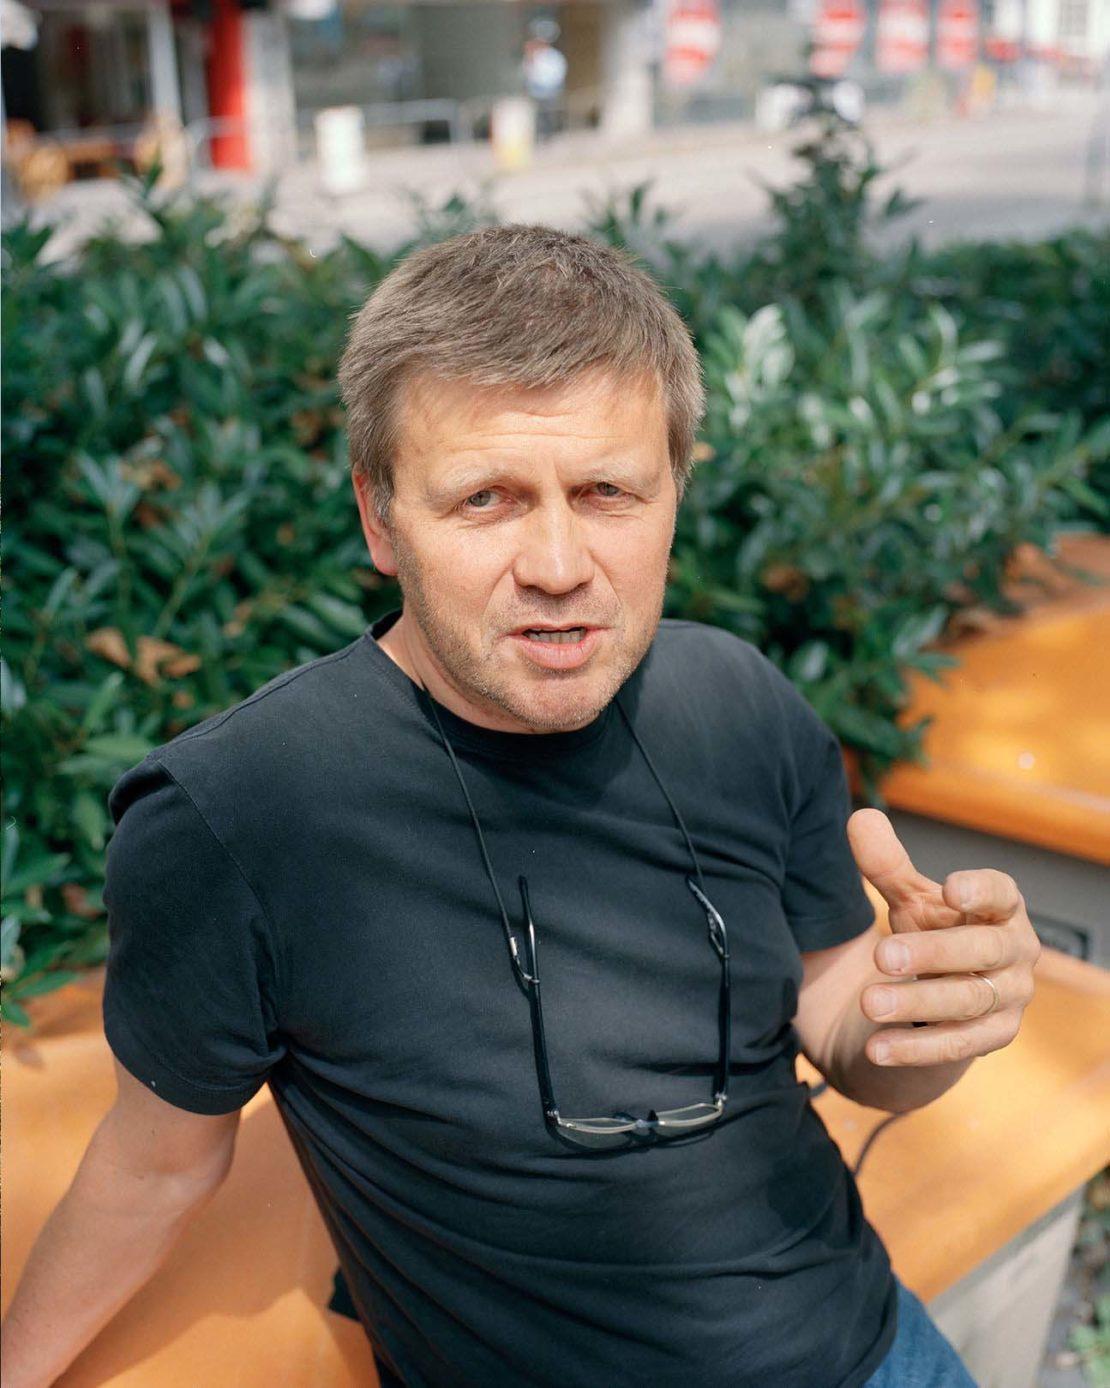 Local Freiburg architect Meinhard Hansen